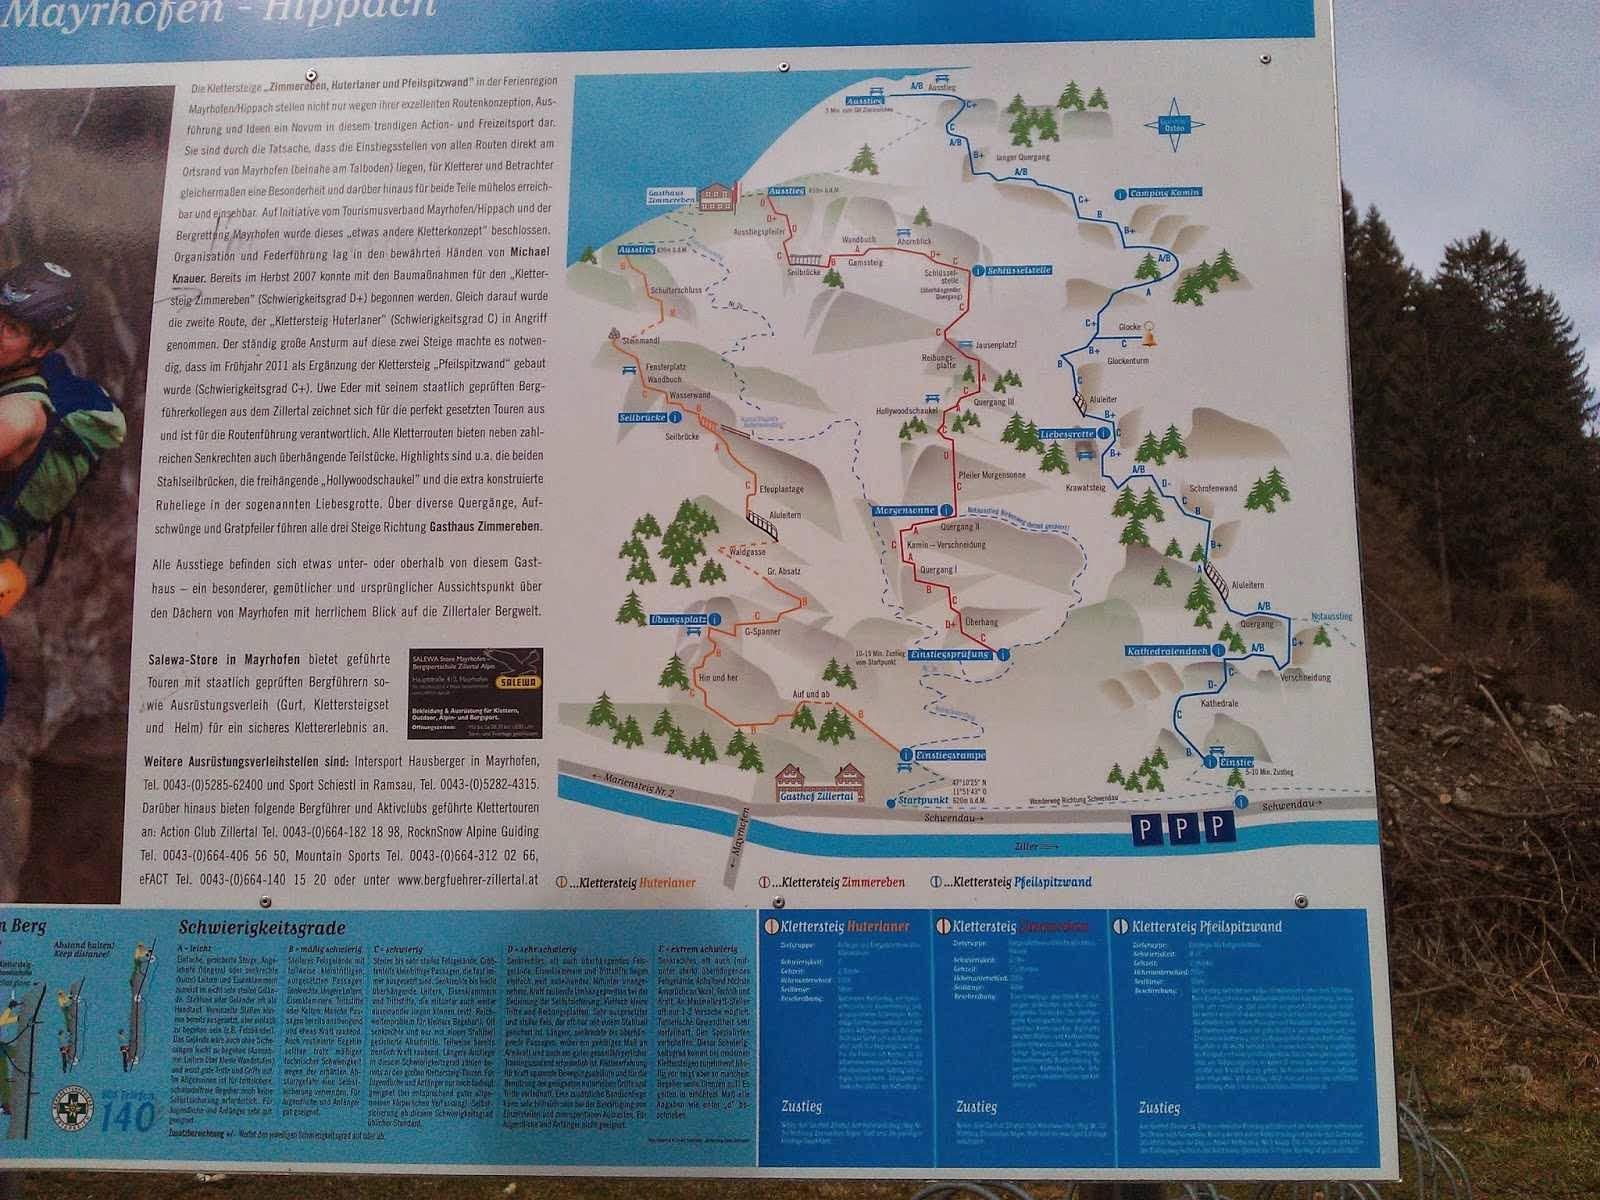 Klettersteig Mayrhofen : Pfeilspitzwand ks c d und huterlaner alpine abenteuer